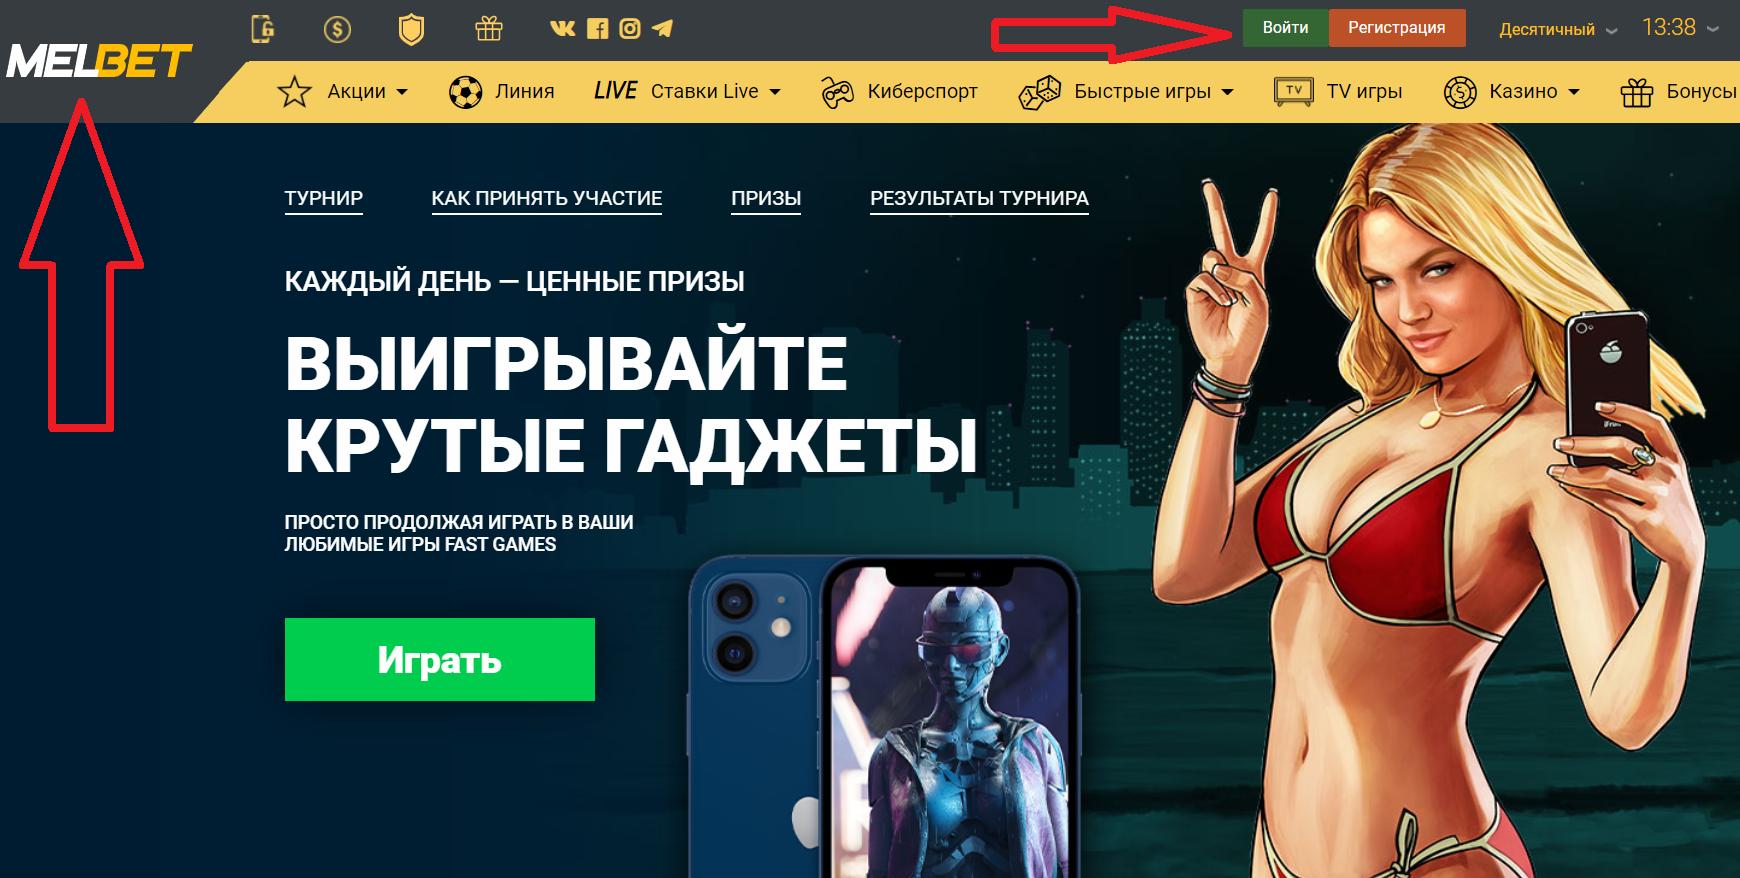 Промокод на Мелбет: все наиболее интересные акции, актуальные в 2020